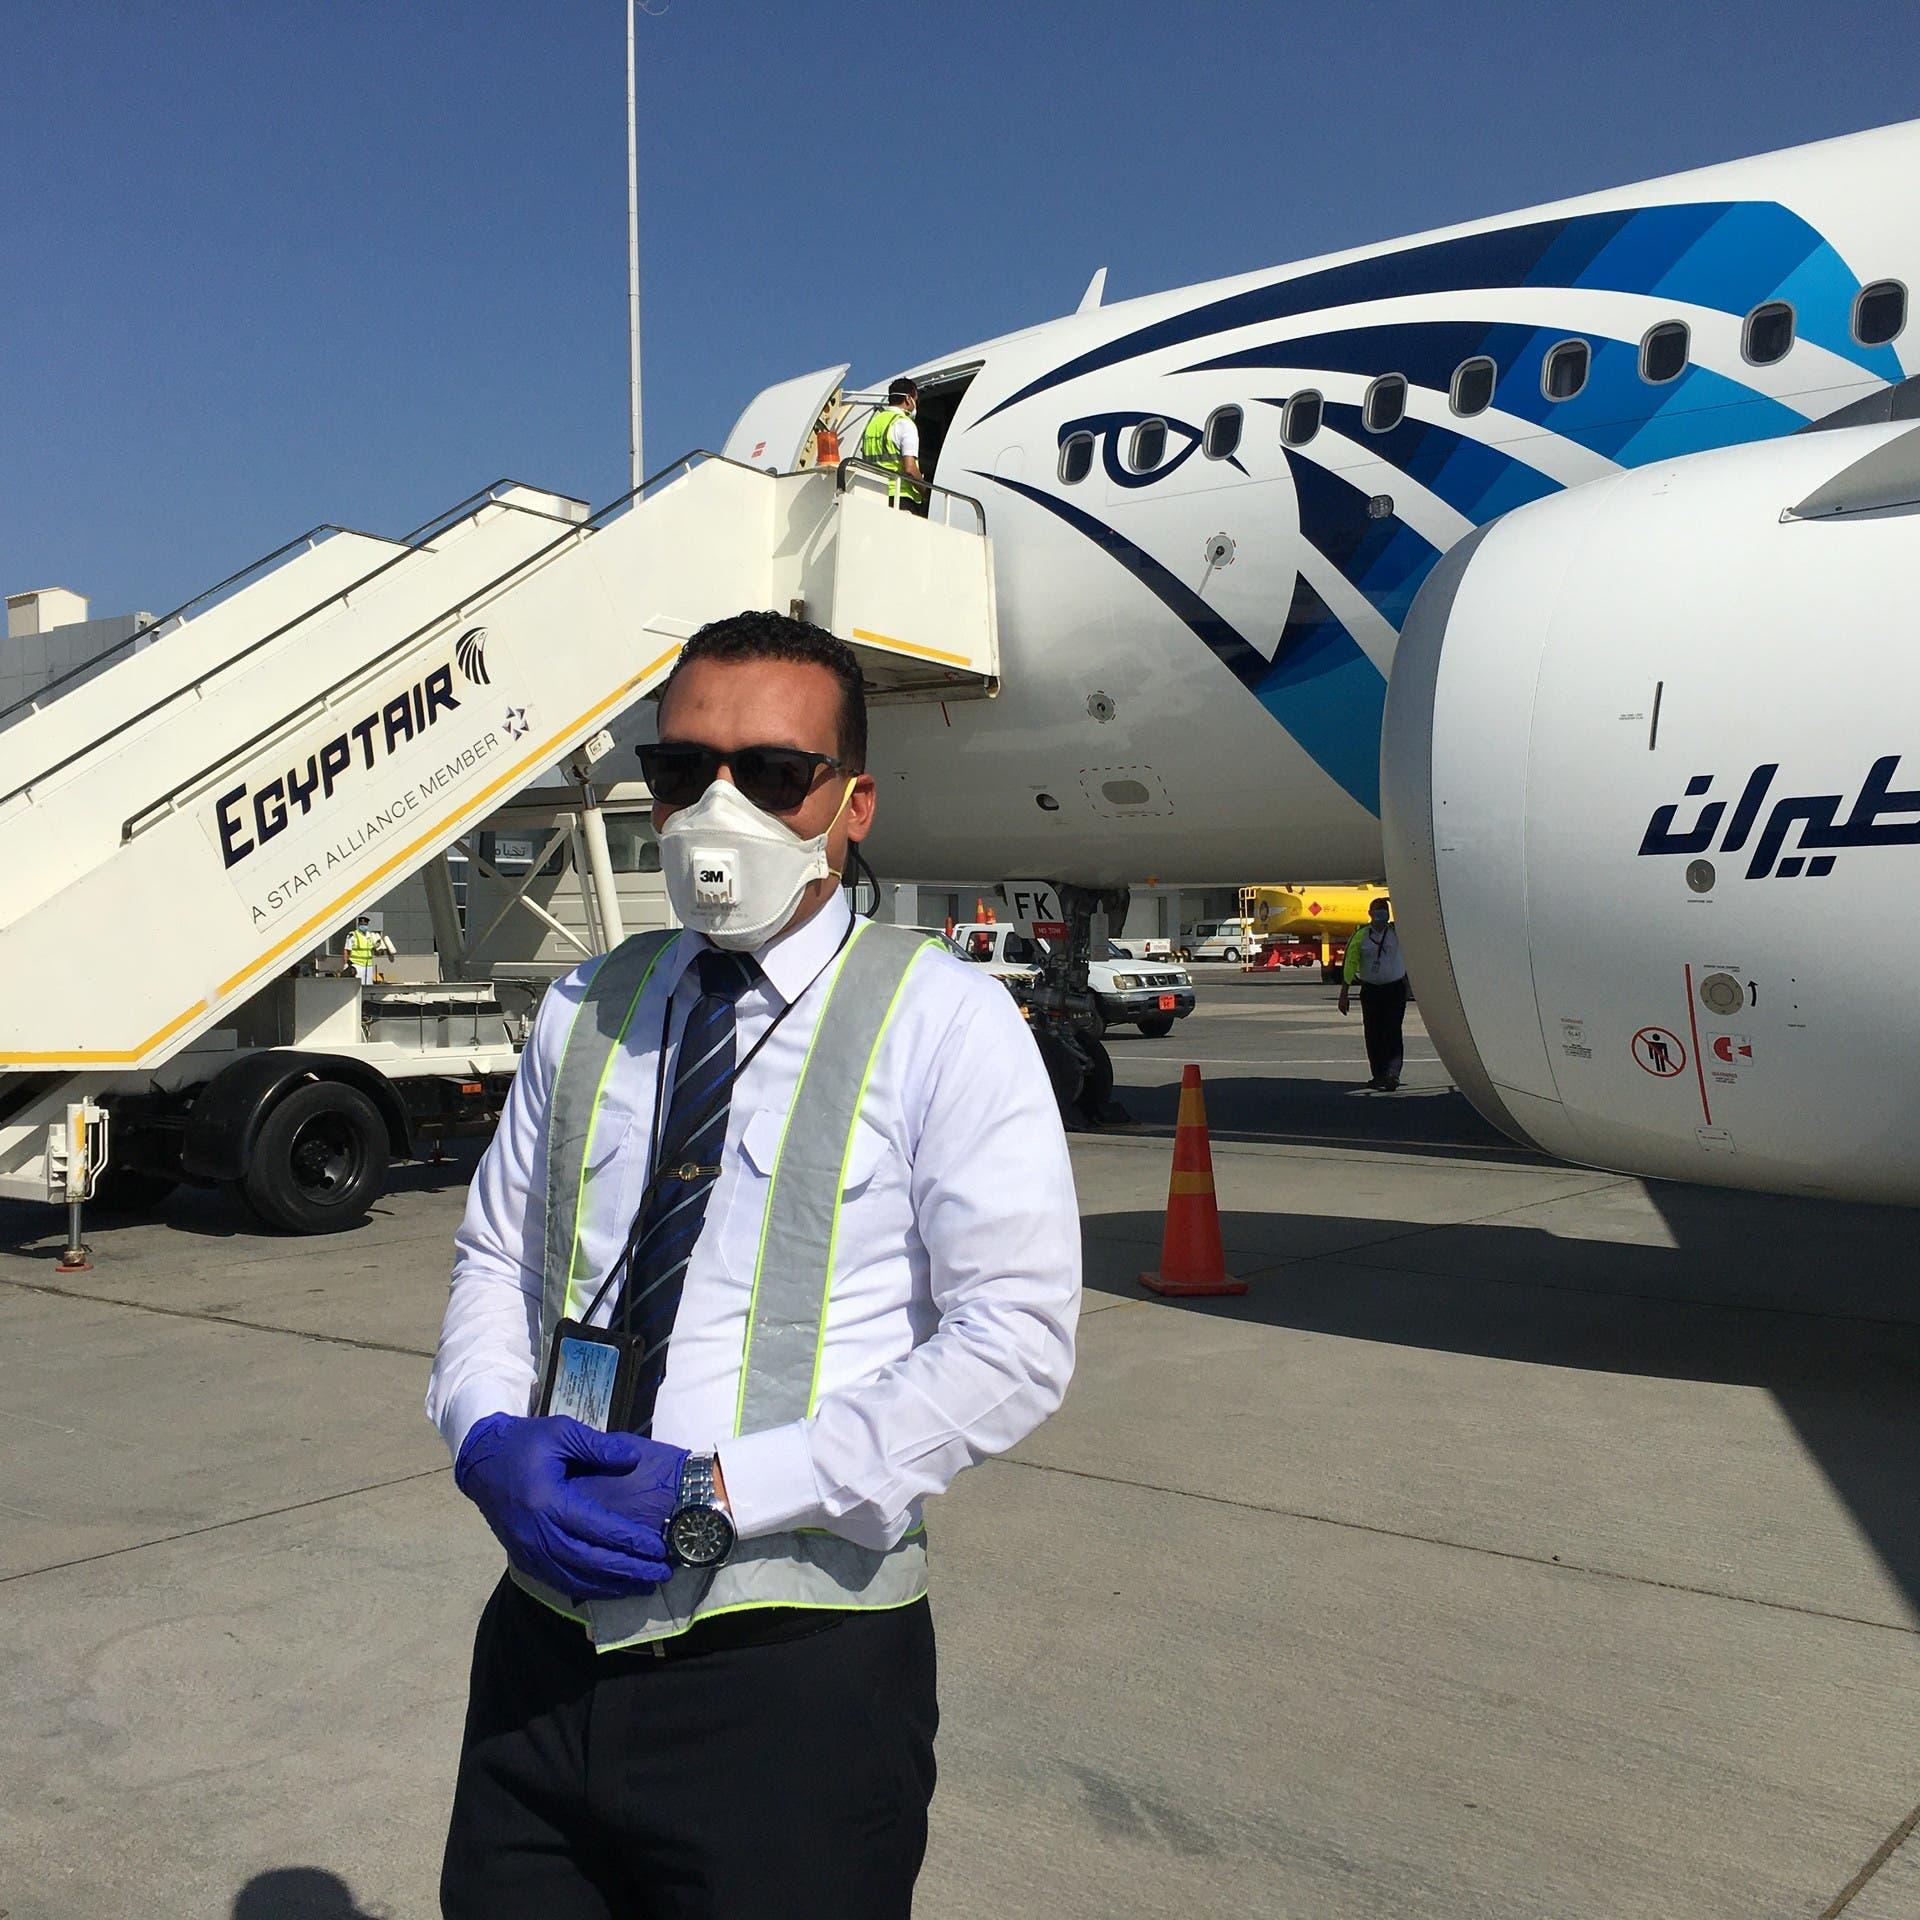 بعد غلق مطارات المنطقة.. مصر تكشف طبيعة الحركة بمطاراتها